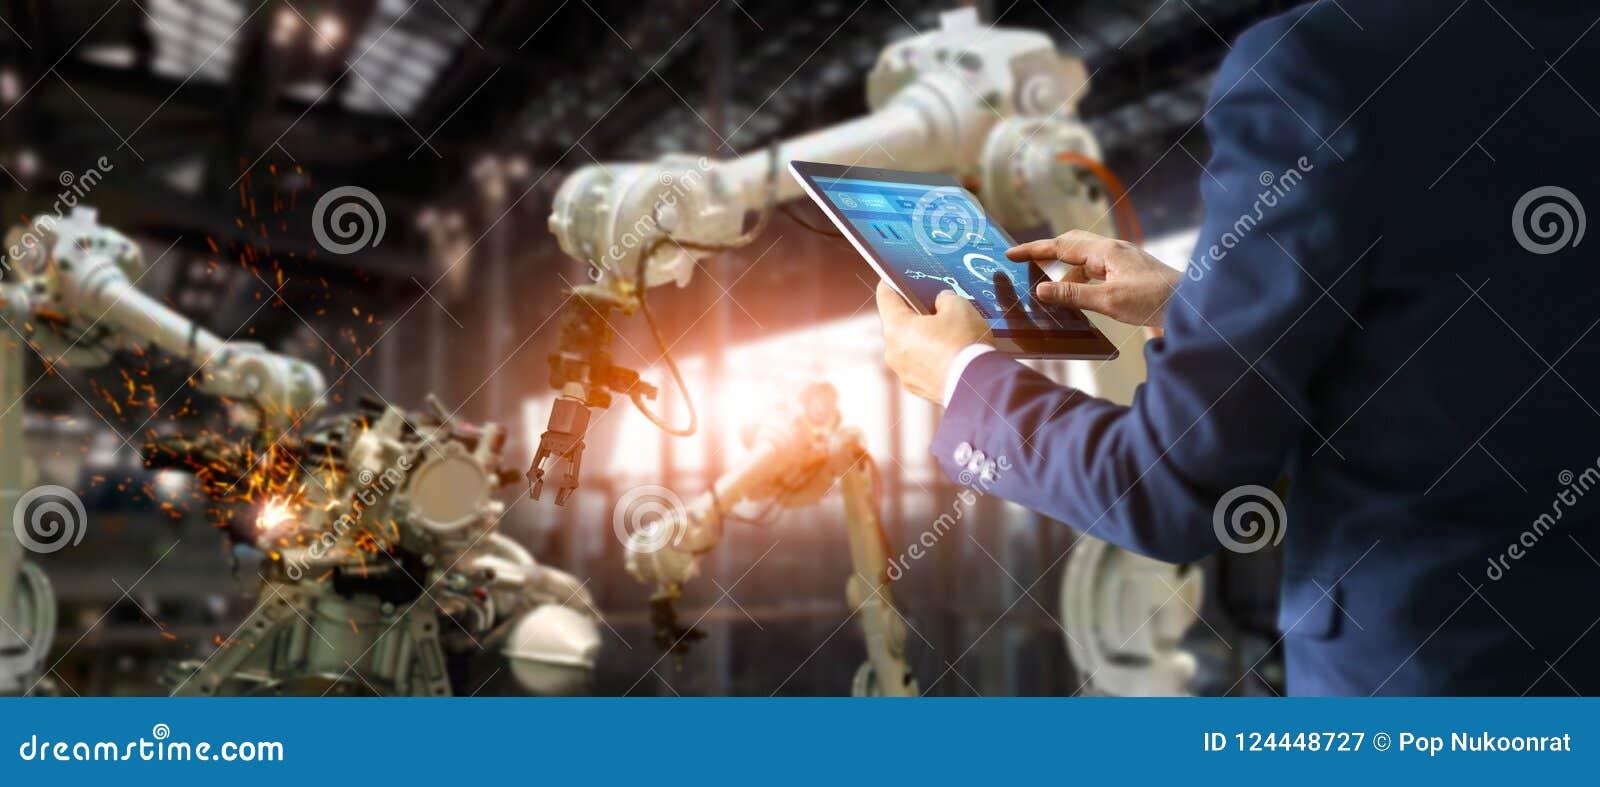 Βιομηχανικός μηχανικός διευθυντών που χρησιμοποιεί την ελέγχοντας αυτοματοποίηση ταμπλετών